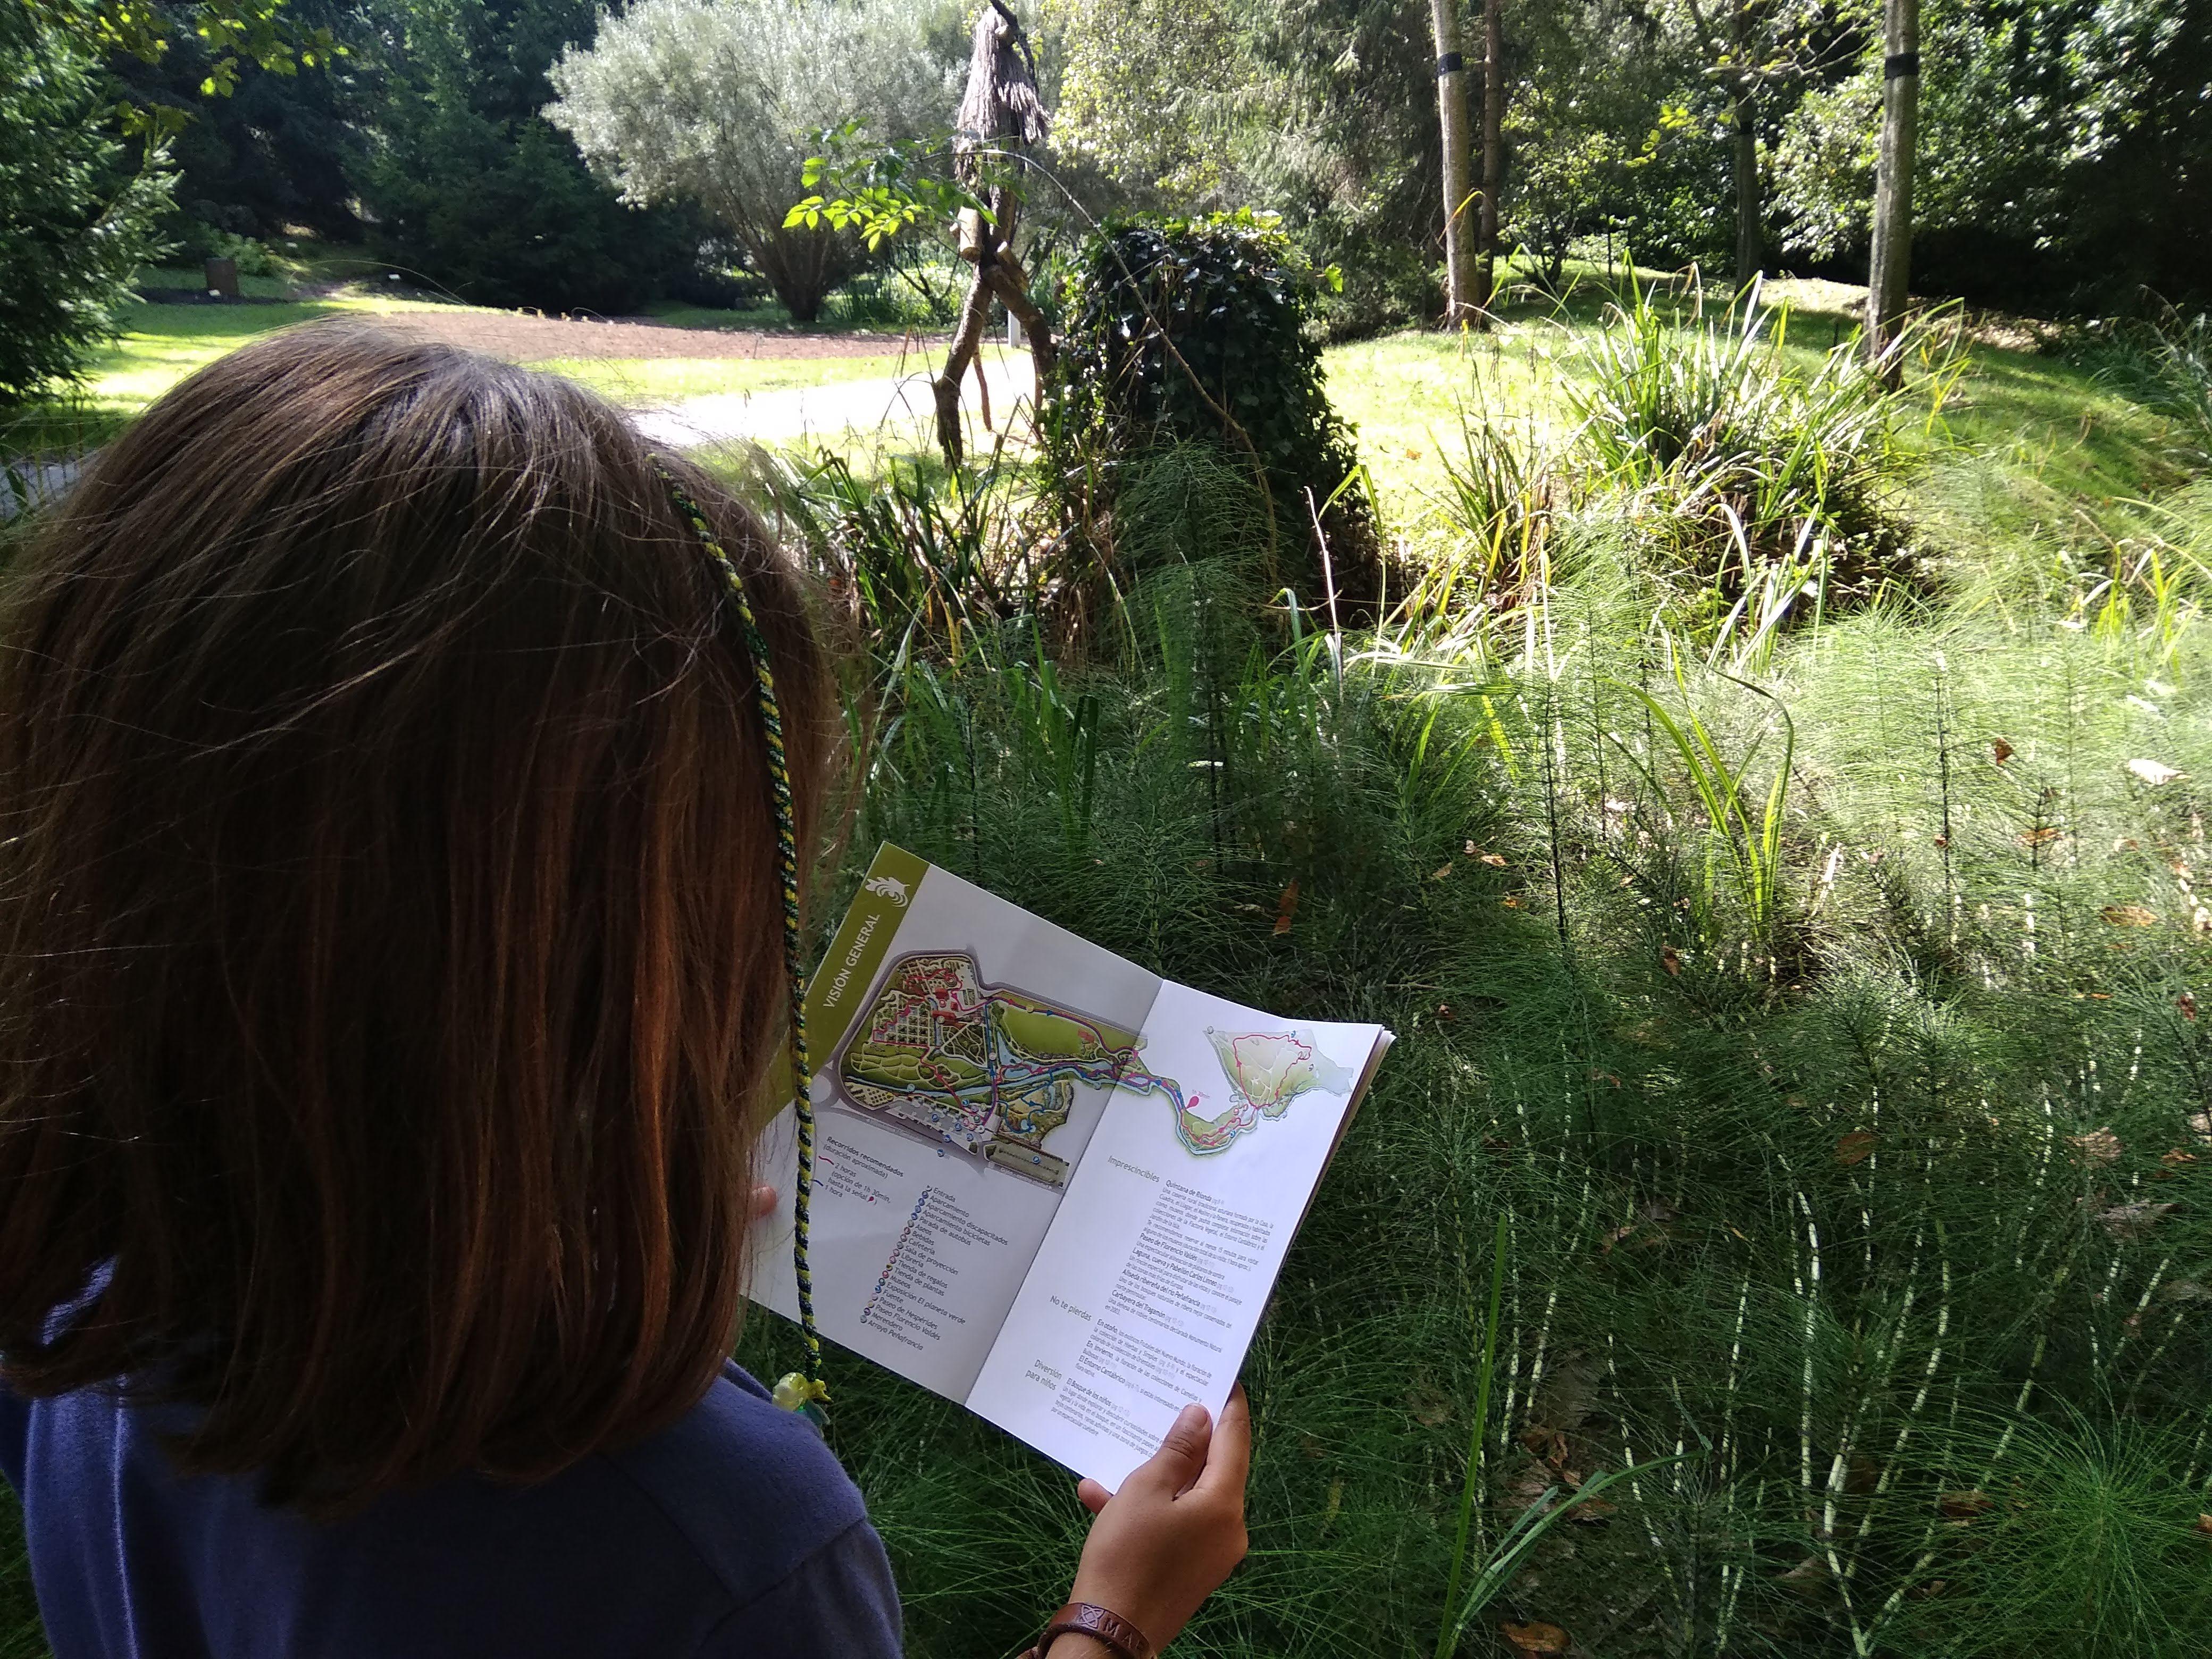 Mirando el plano del bosque cantábrico del Jardín botánico de Gijón @Particia Fernández